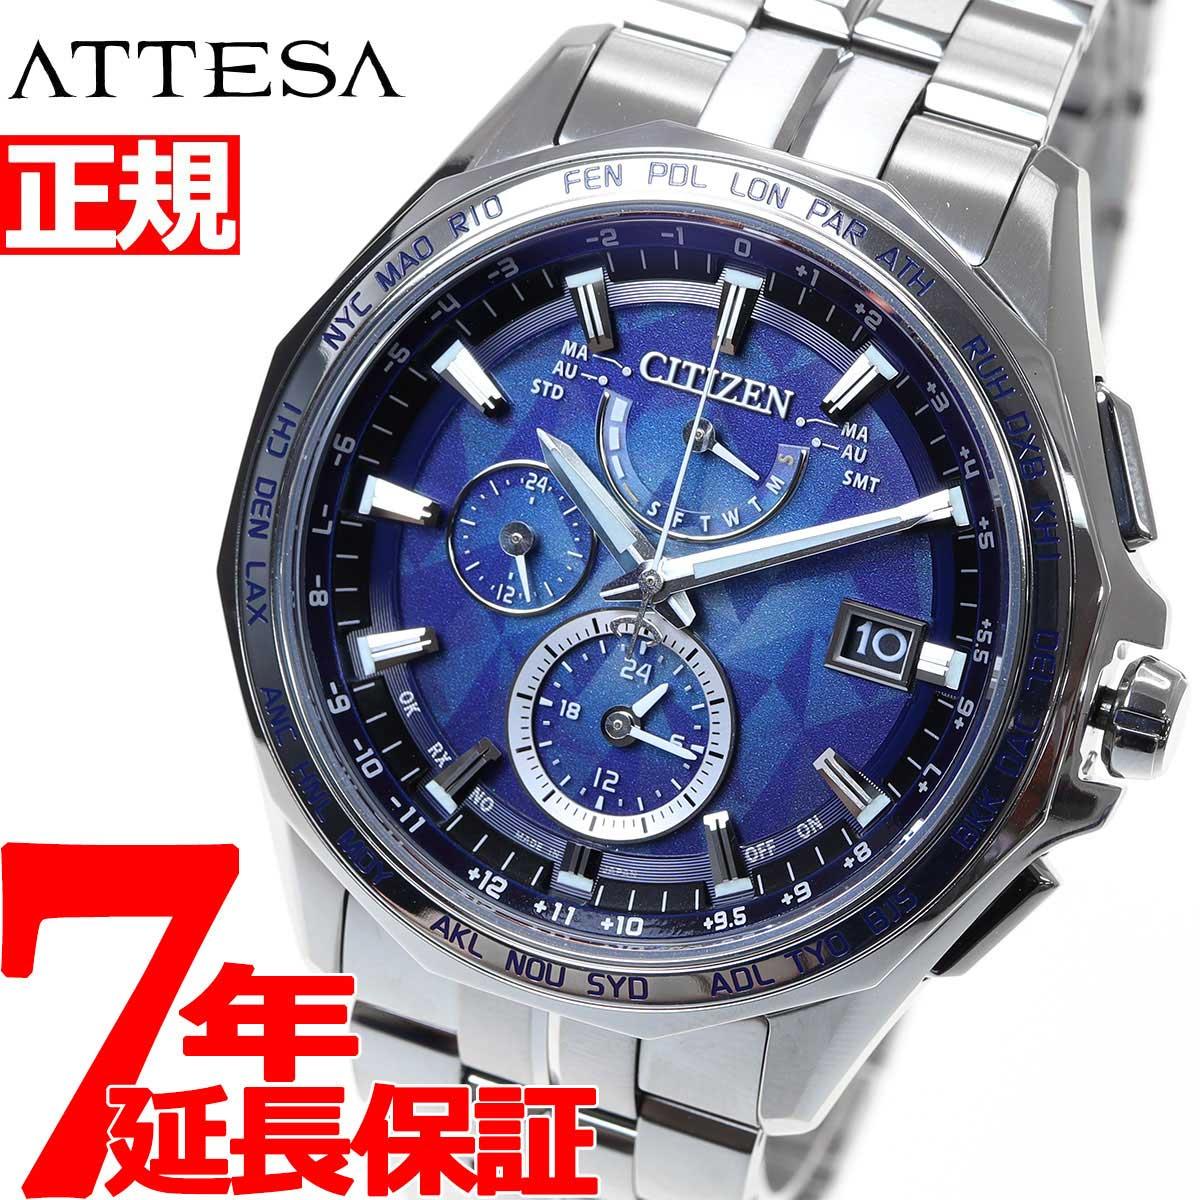 腕時計, メンズ腕時計 2502000OFF60252359 CITIZEN ATTESA CITIZEN YELL COLLECTION AT9098-51L2021